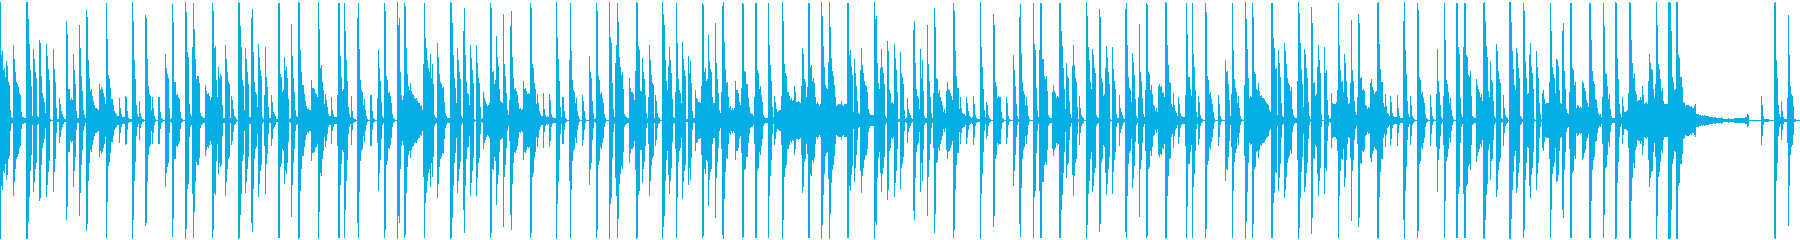 謎にトライする思考系BGMの再生済みの波形